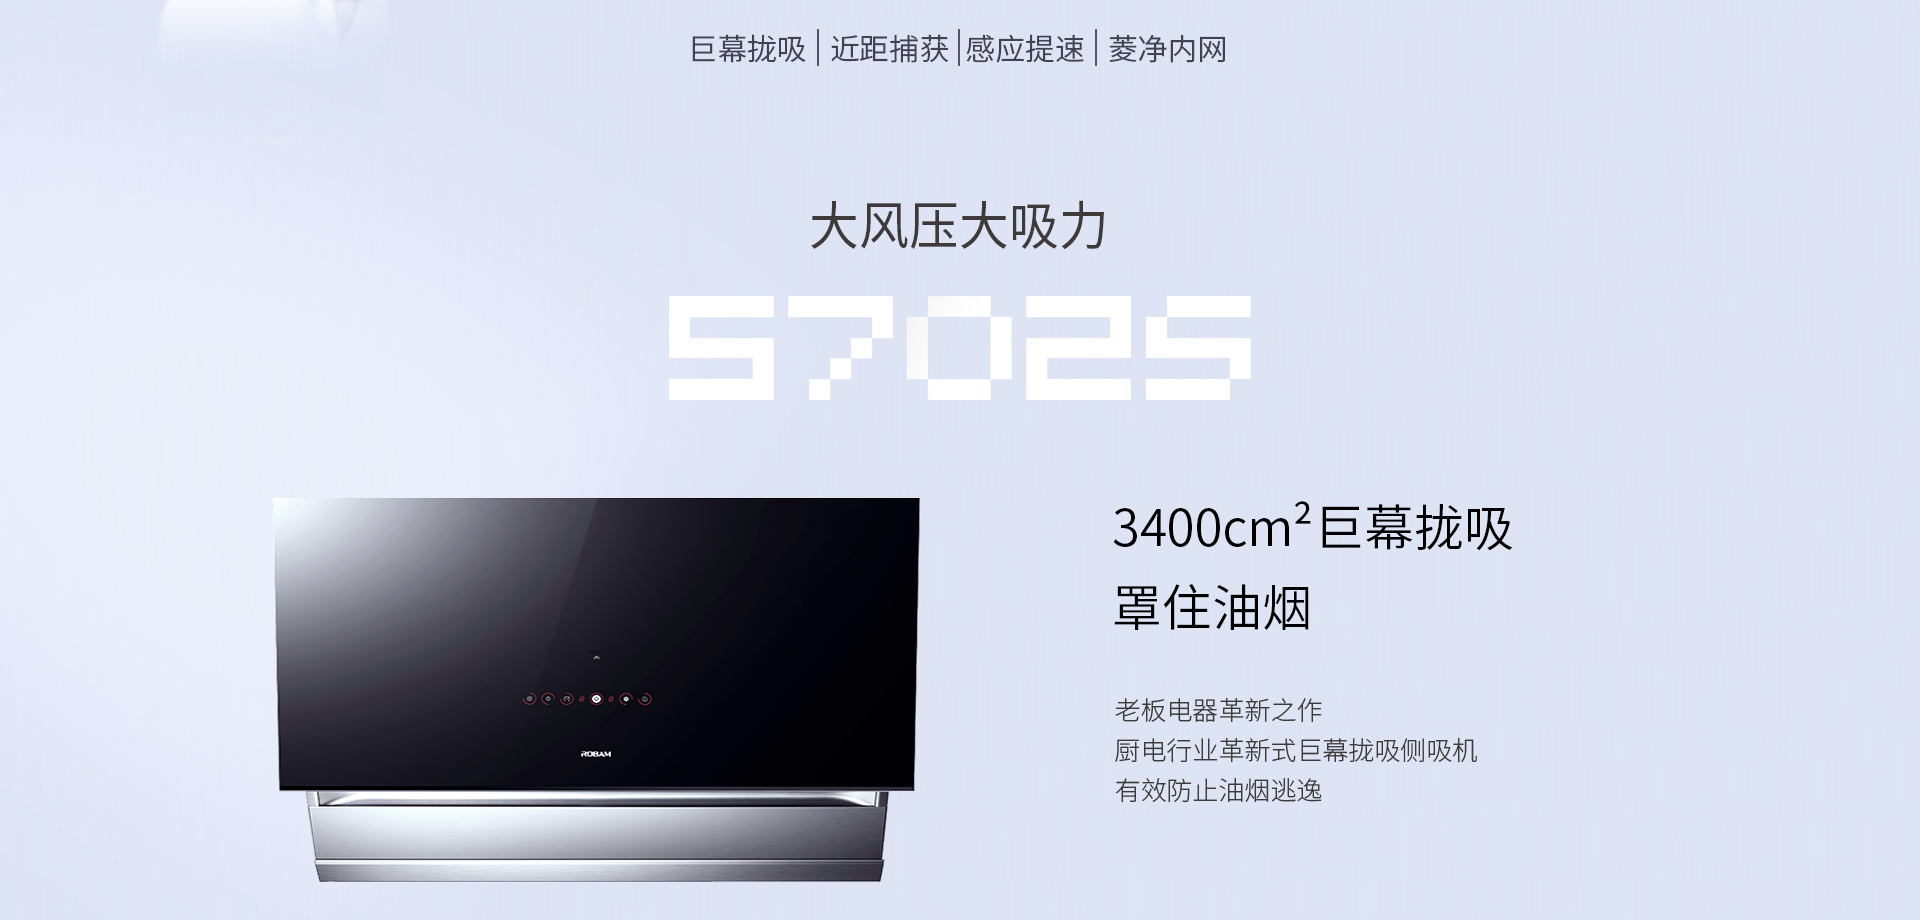 5702S优化-PC_02.jpg